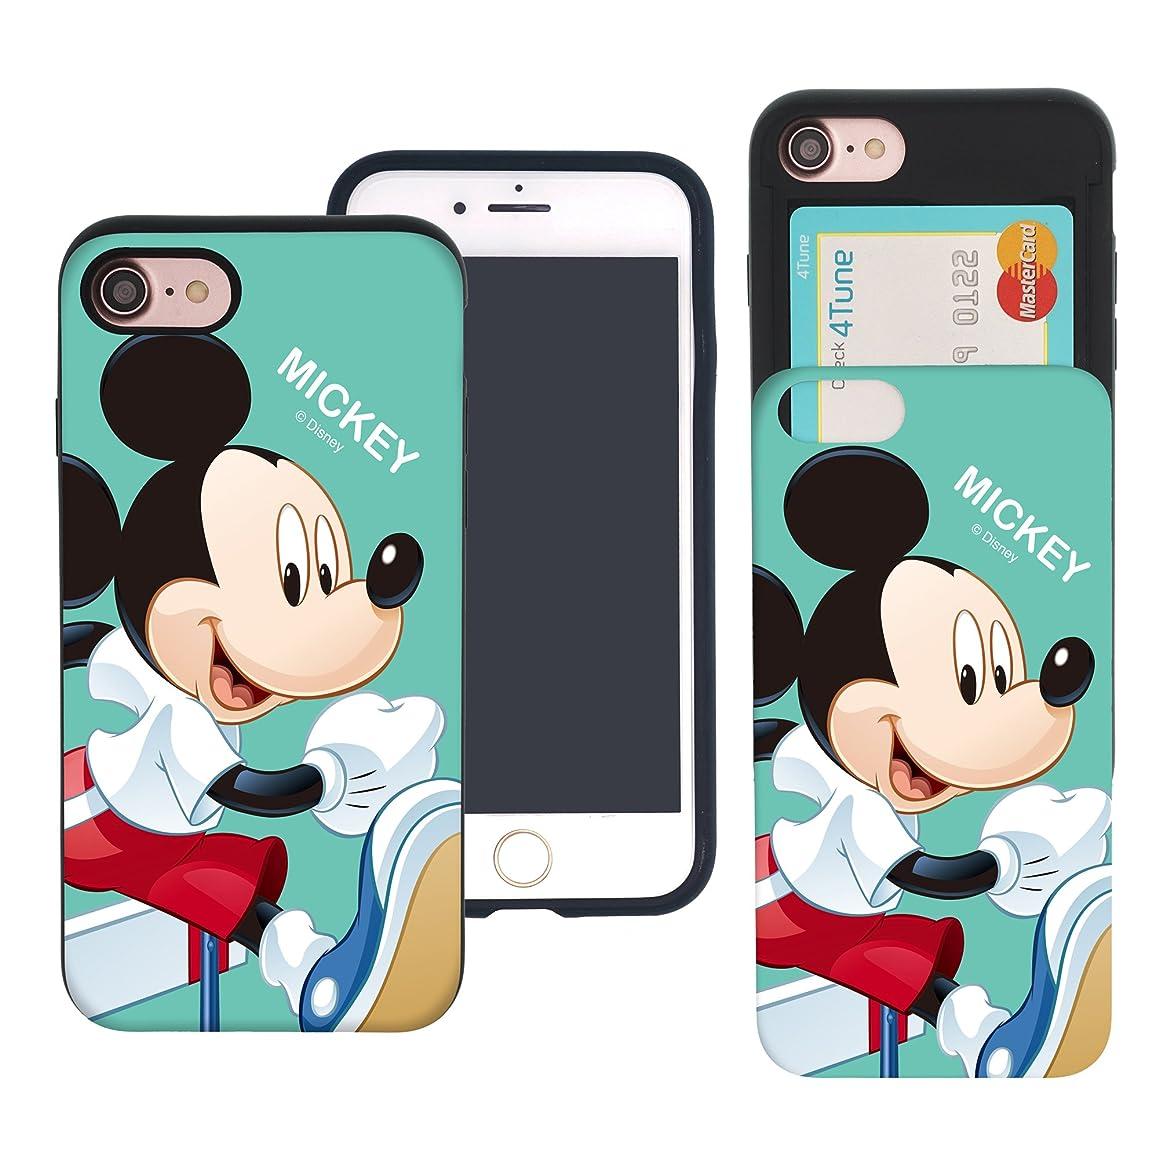 大胆スリラー届けるiPhone 8 ケース iPhone 7 ケース Disney Mickey Mouse ディズニー ミッキーマウス カード スロット ダブル バンパー ケース/スマホケース おしゃれ 【 アイフォン8 ケース / アイフォン7 ケース (4.7